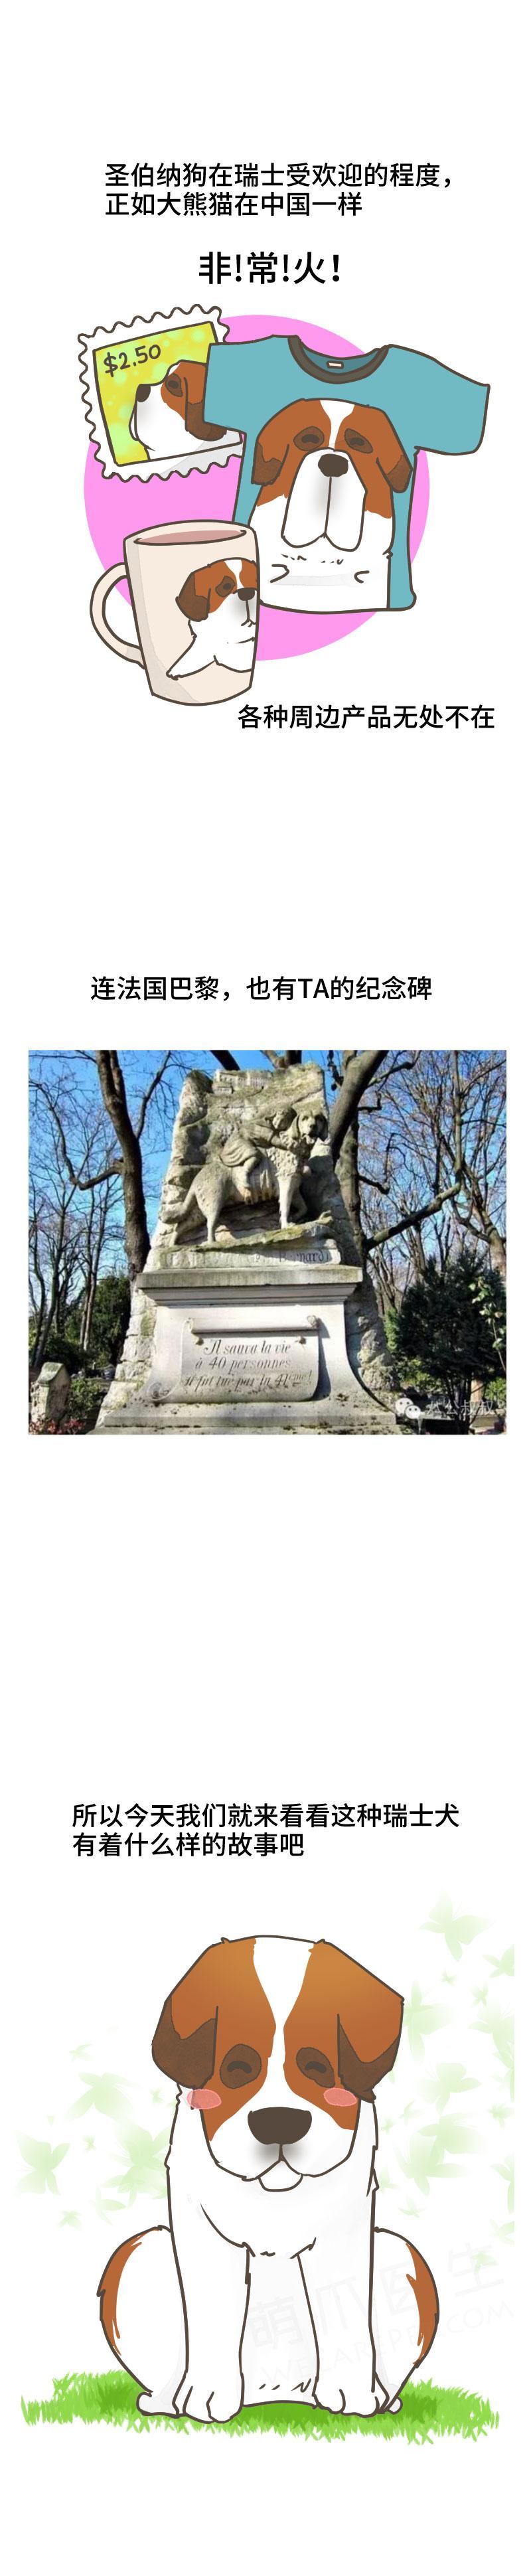 「犬中绅士」、「雪山搜救英雄」,善良勇敢的圣伯纳犬,是瑞士国宝级别的存在